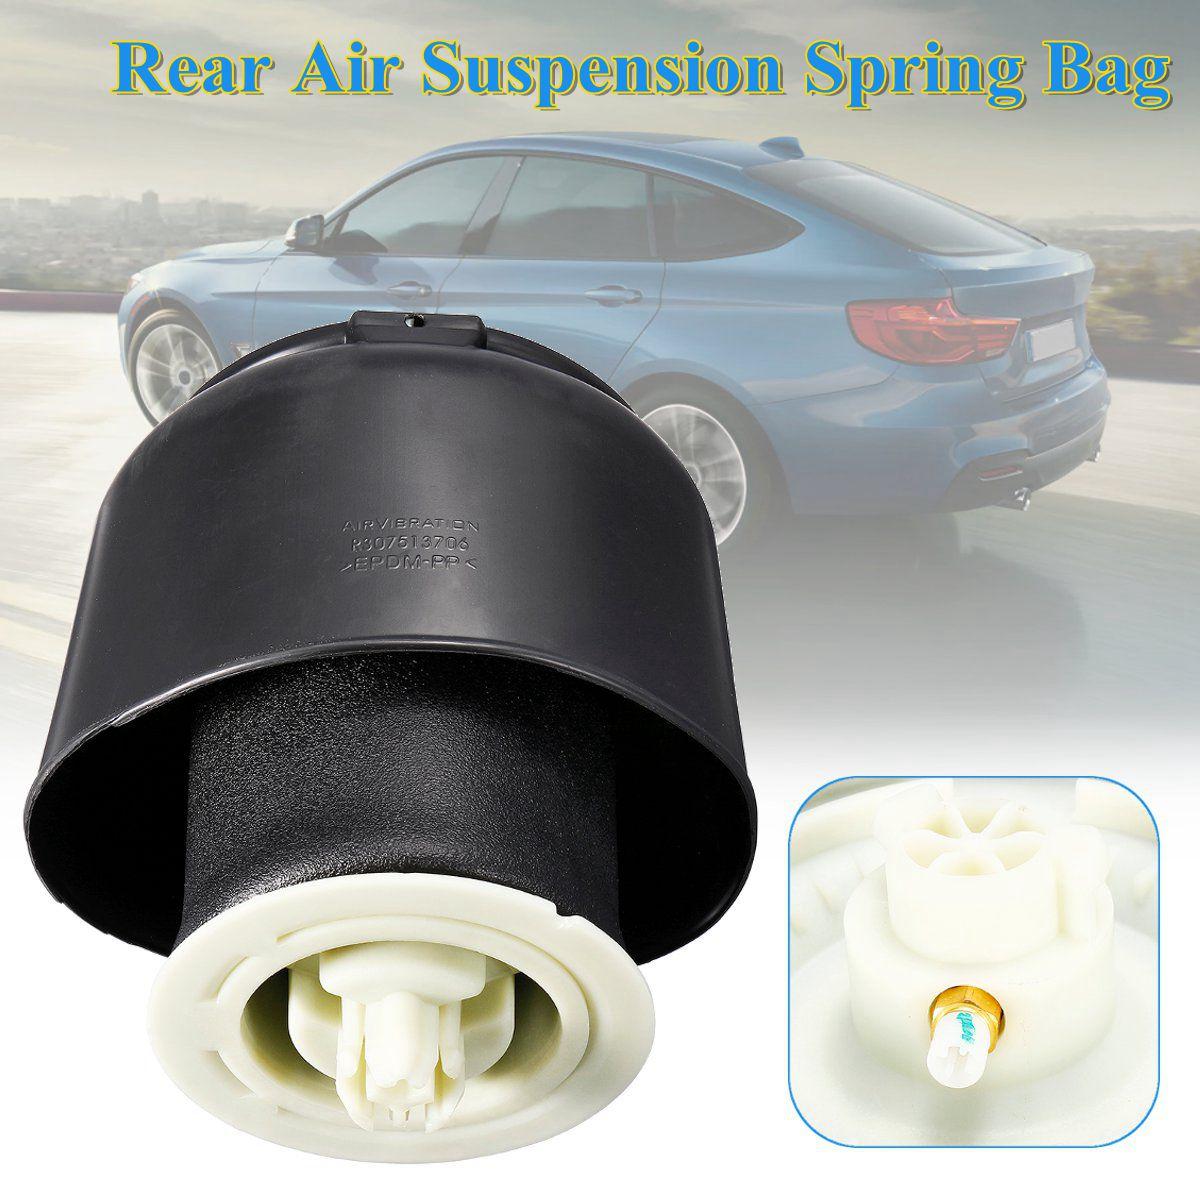 جديد خلفي الهواء تعليق الربيع بيلو حقيبة مع غطاء غبار الحال بالنسبة لسيارات BMW F07 GT F10 F11 #37106781827 371067818 37106781828